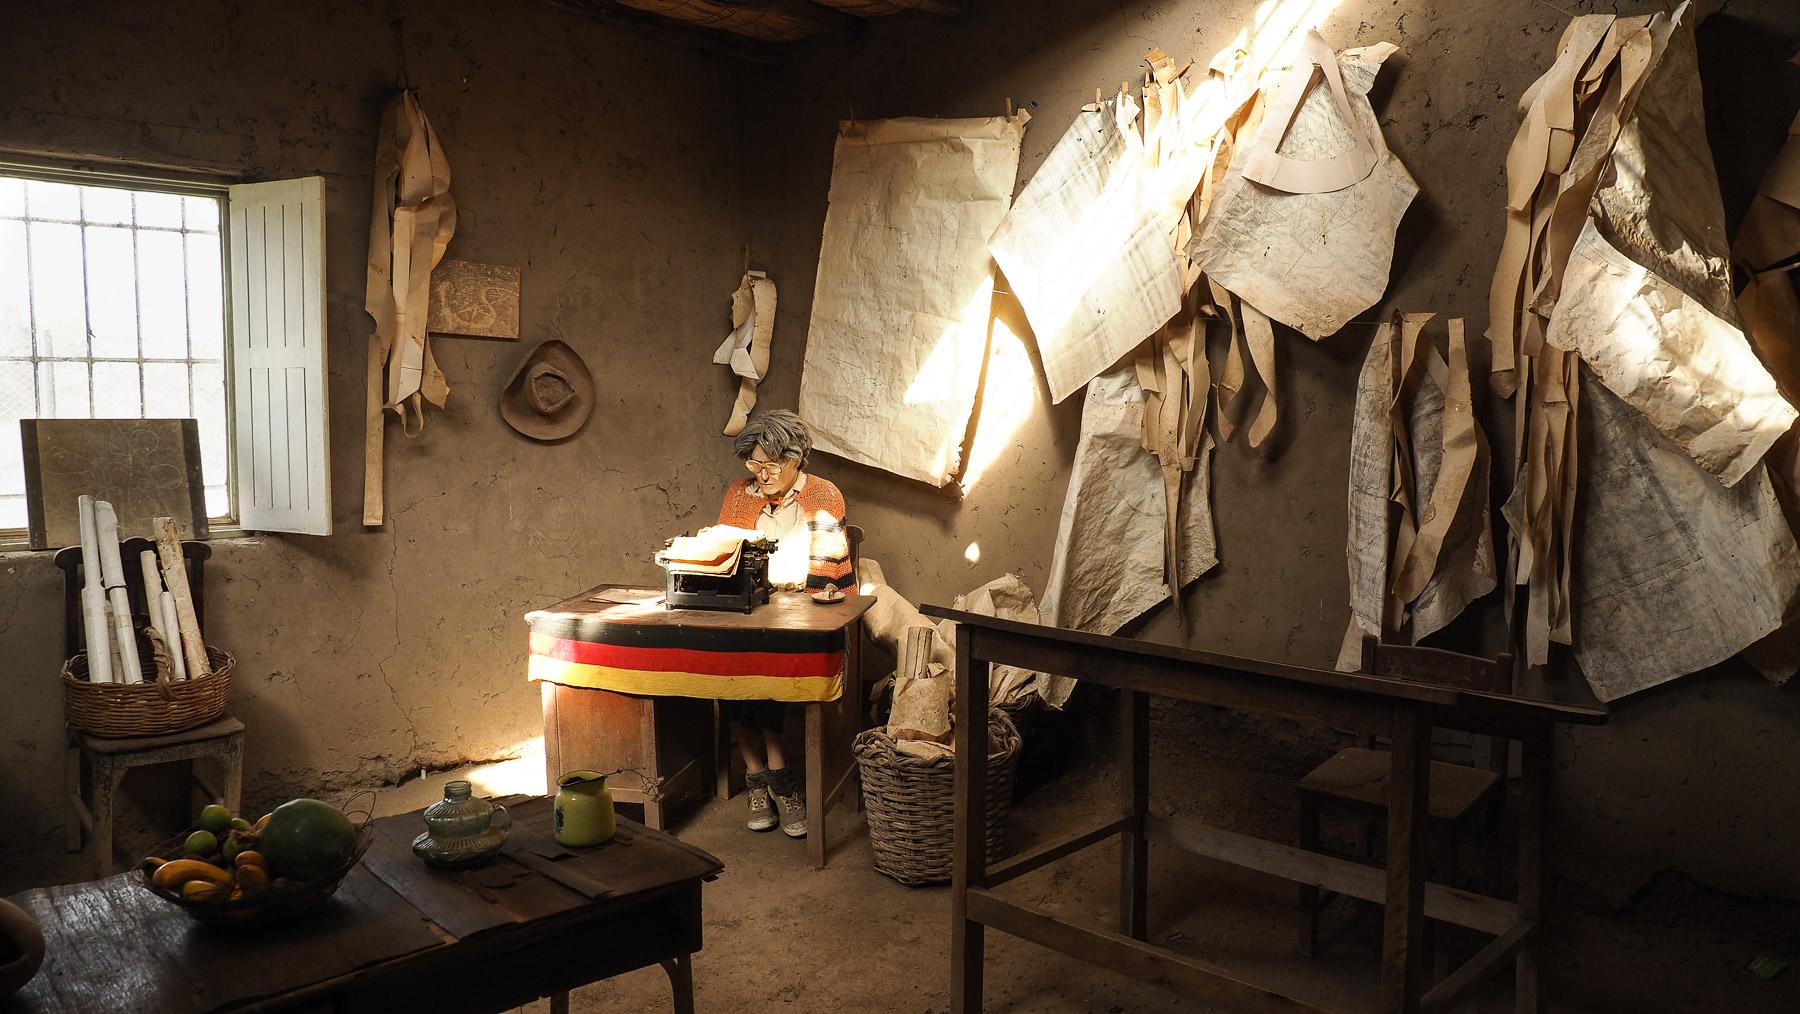 Das Leben der deutschen Nasca-Forscherin Maria Reiche wird hier nachgestellt